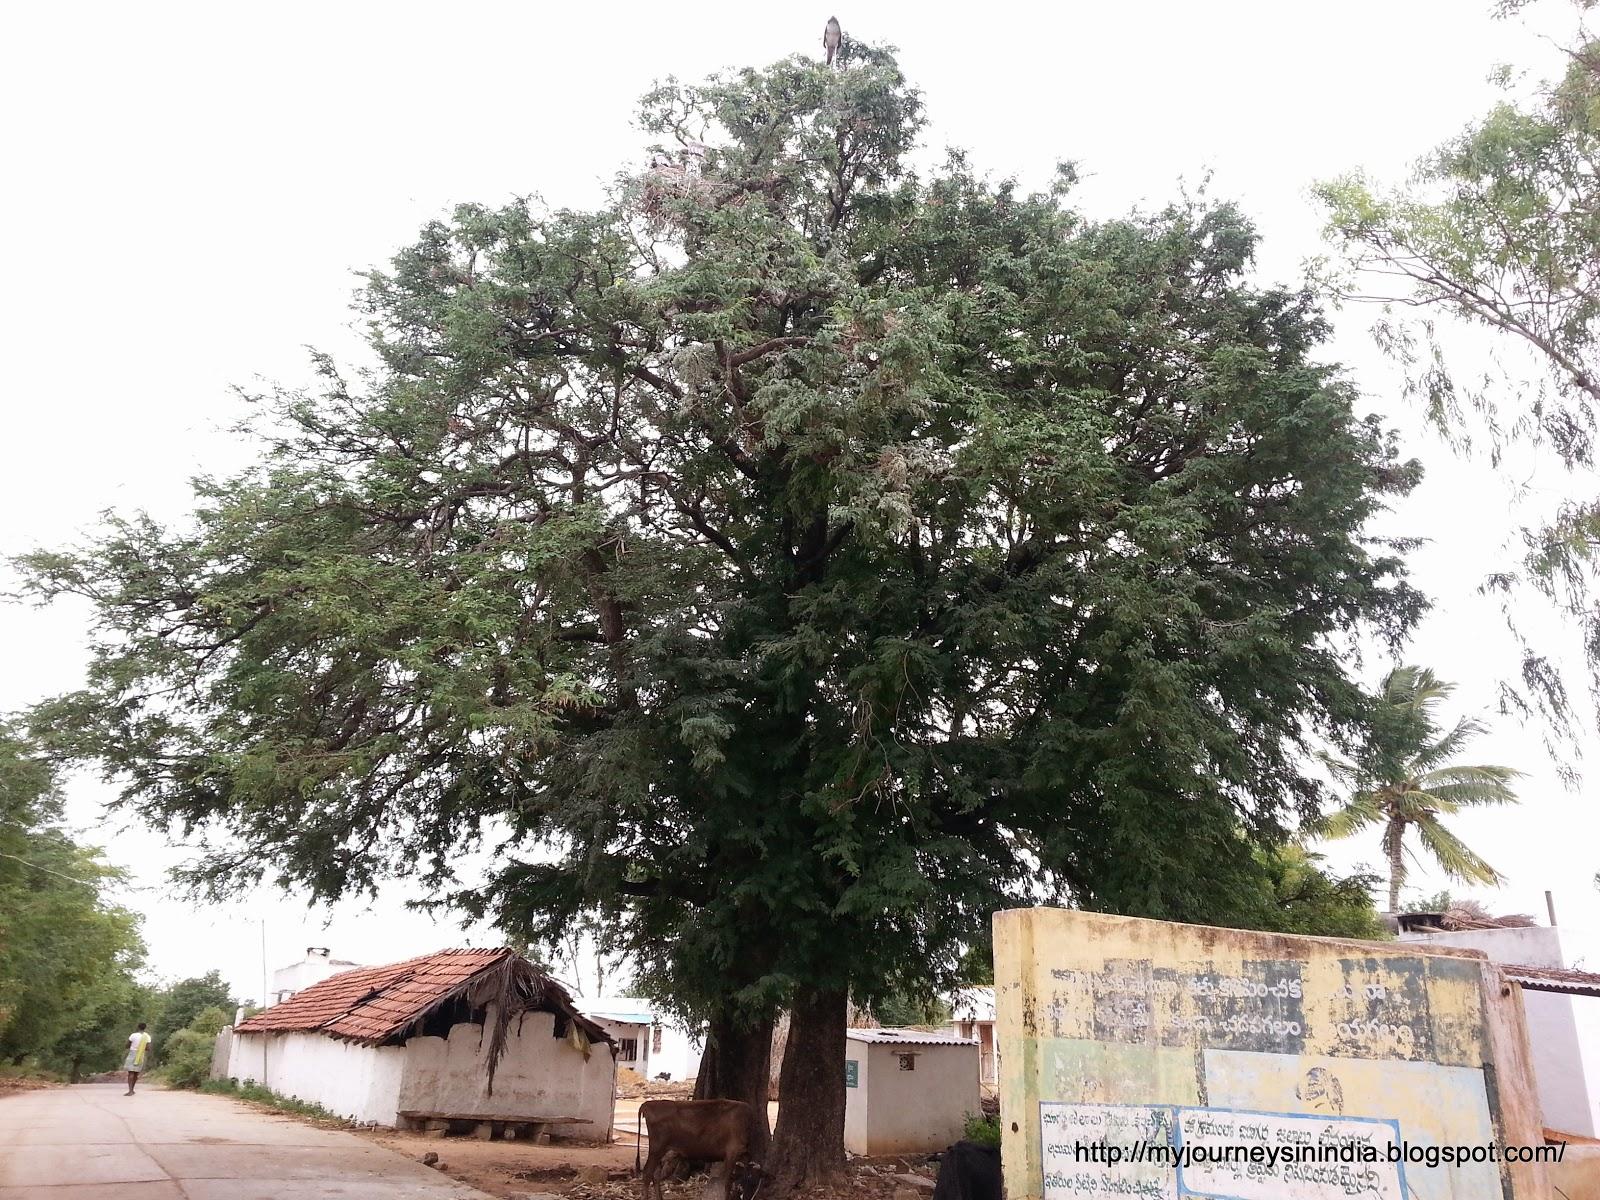 Veerapuram